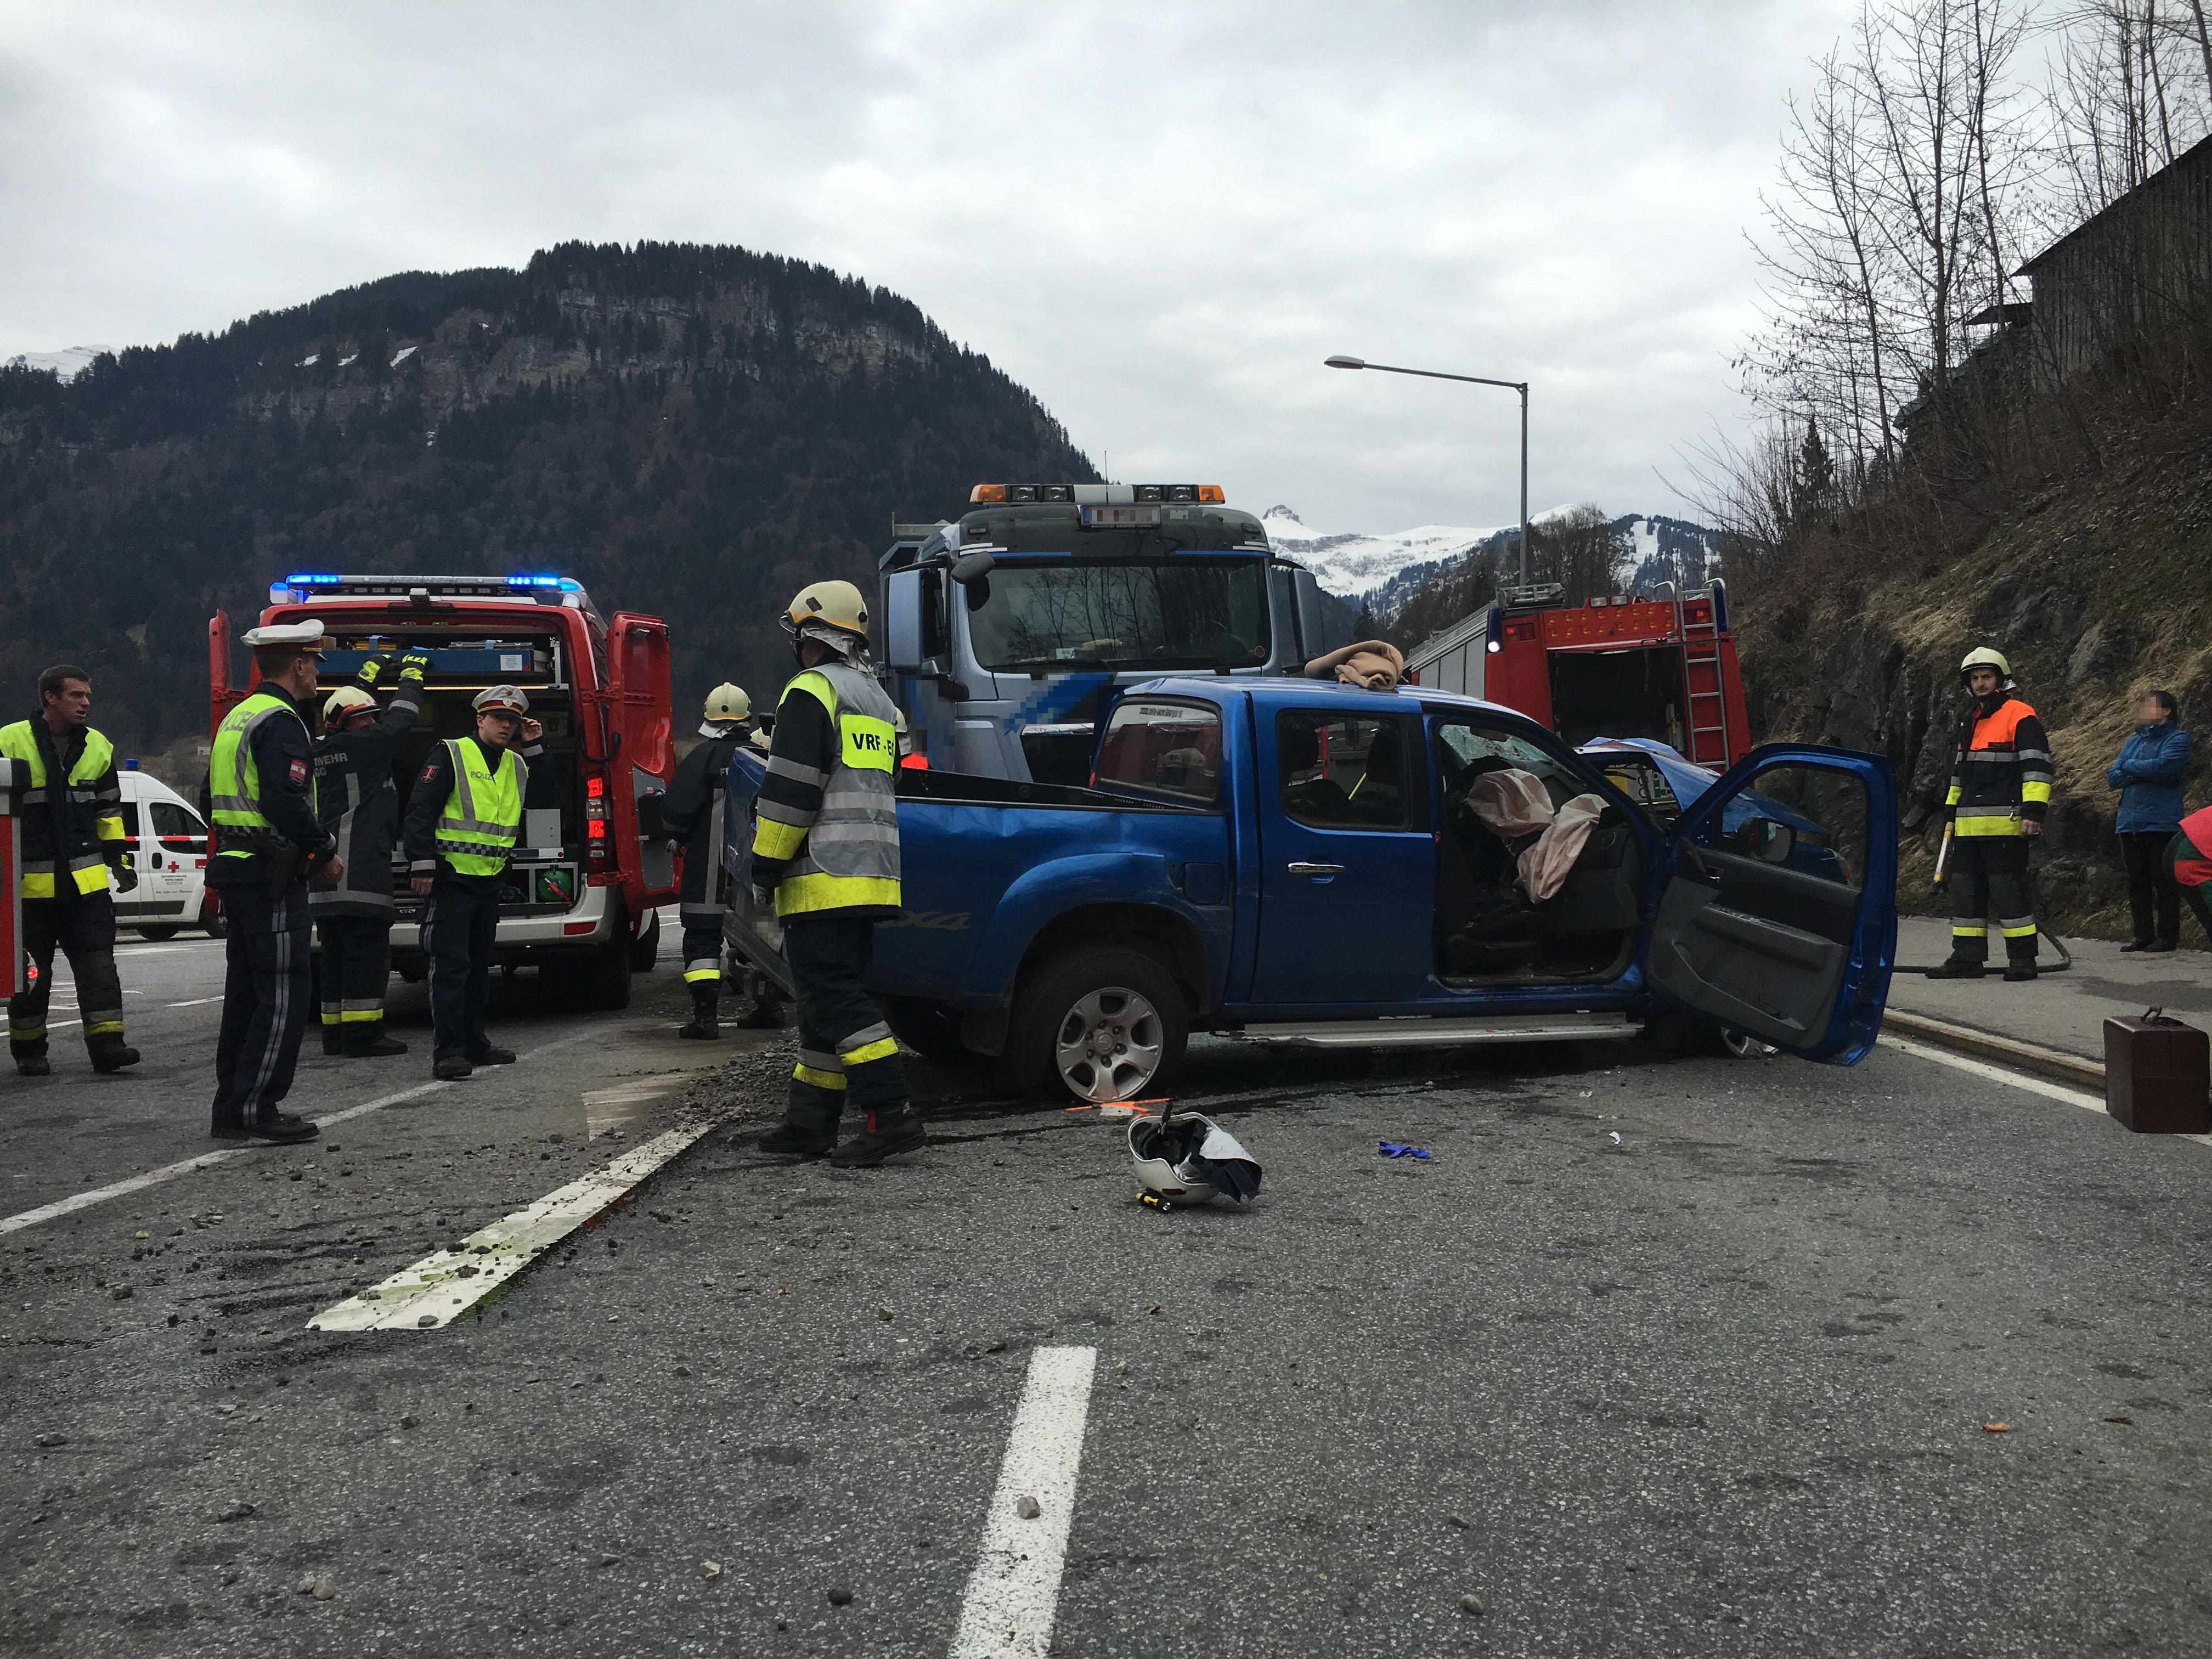 Für den Lenker des Pickup kam jede Hilfe zu spät, er verstarb noch an der Unfallstelle.